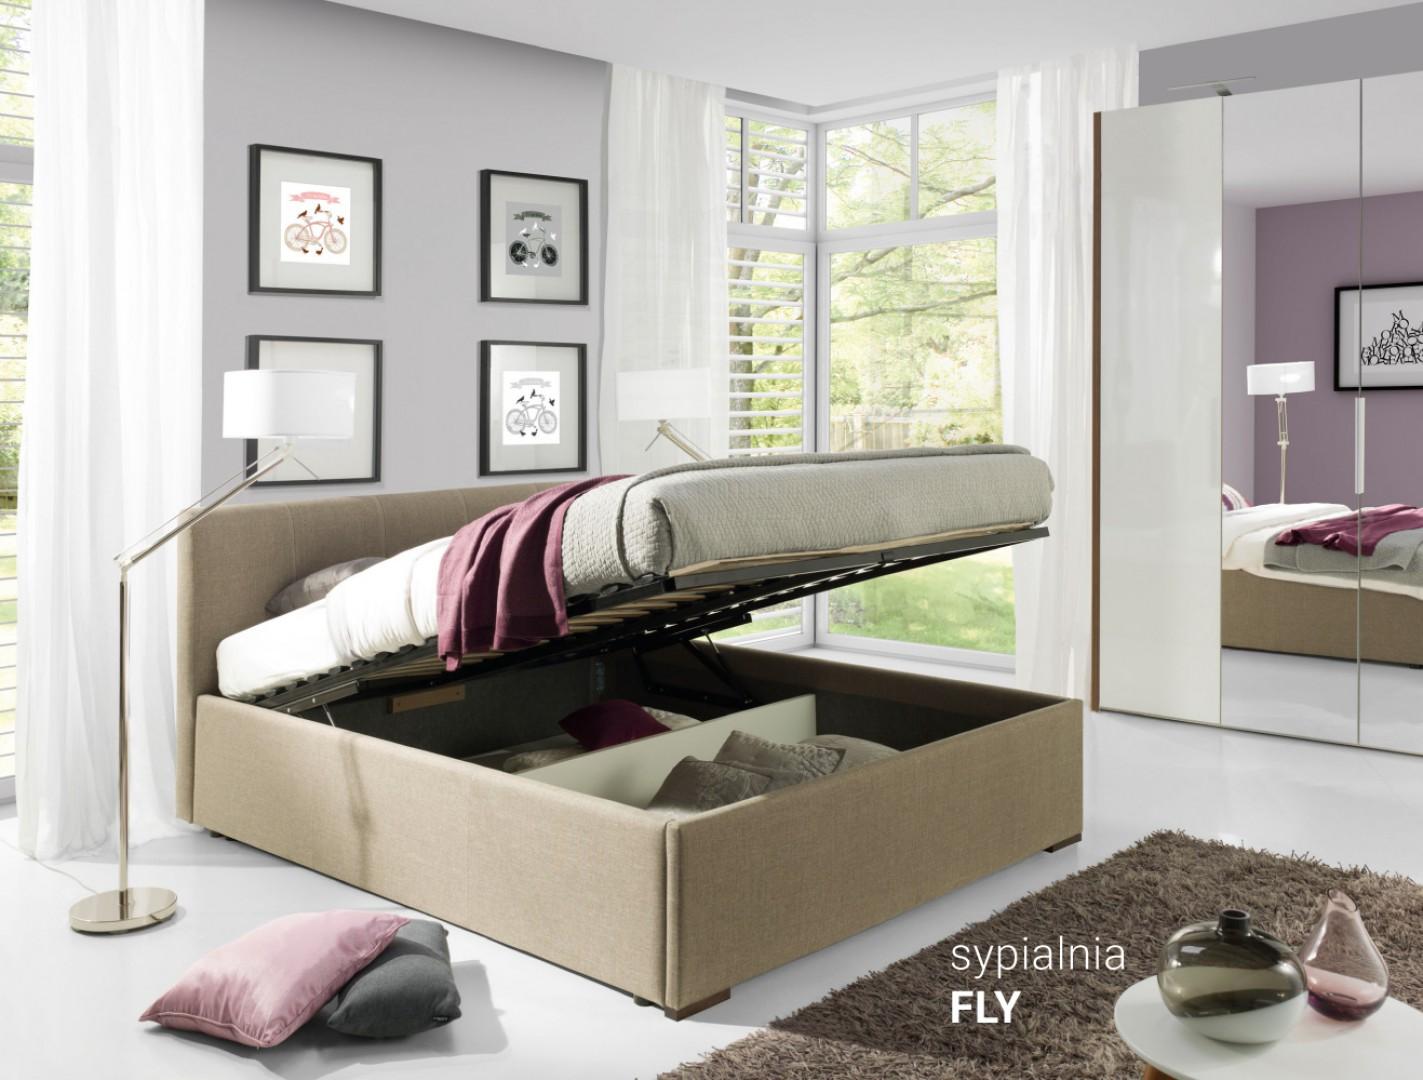 Kolekcja Fly z dyskretnymi przeszyciami to dobry wybór dla sypialni pełniącej rolę domowego zacisza. Świetnie wypadnie w kompozycji z pikowaną pufą. Fot. Wajnert Meble